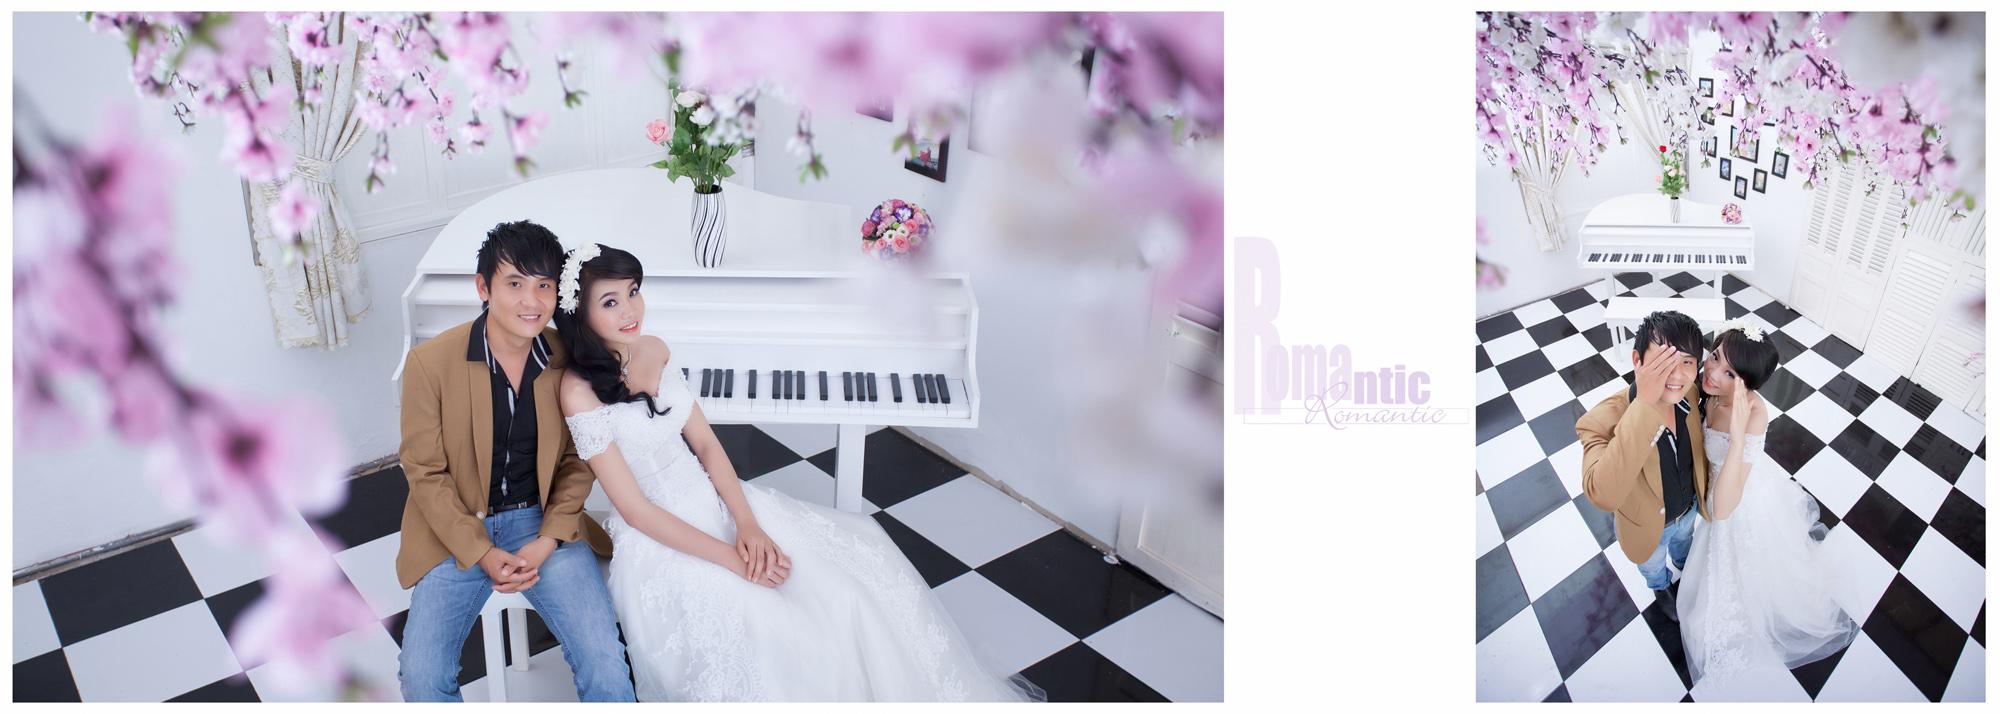 Album chụp hình cưới điễm & như 16